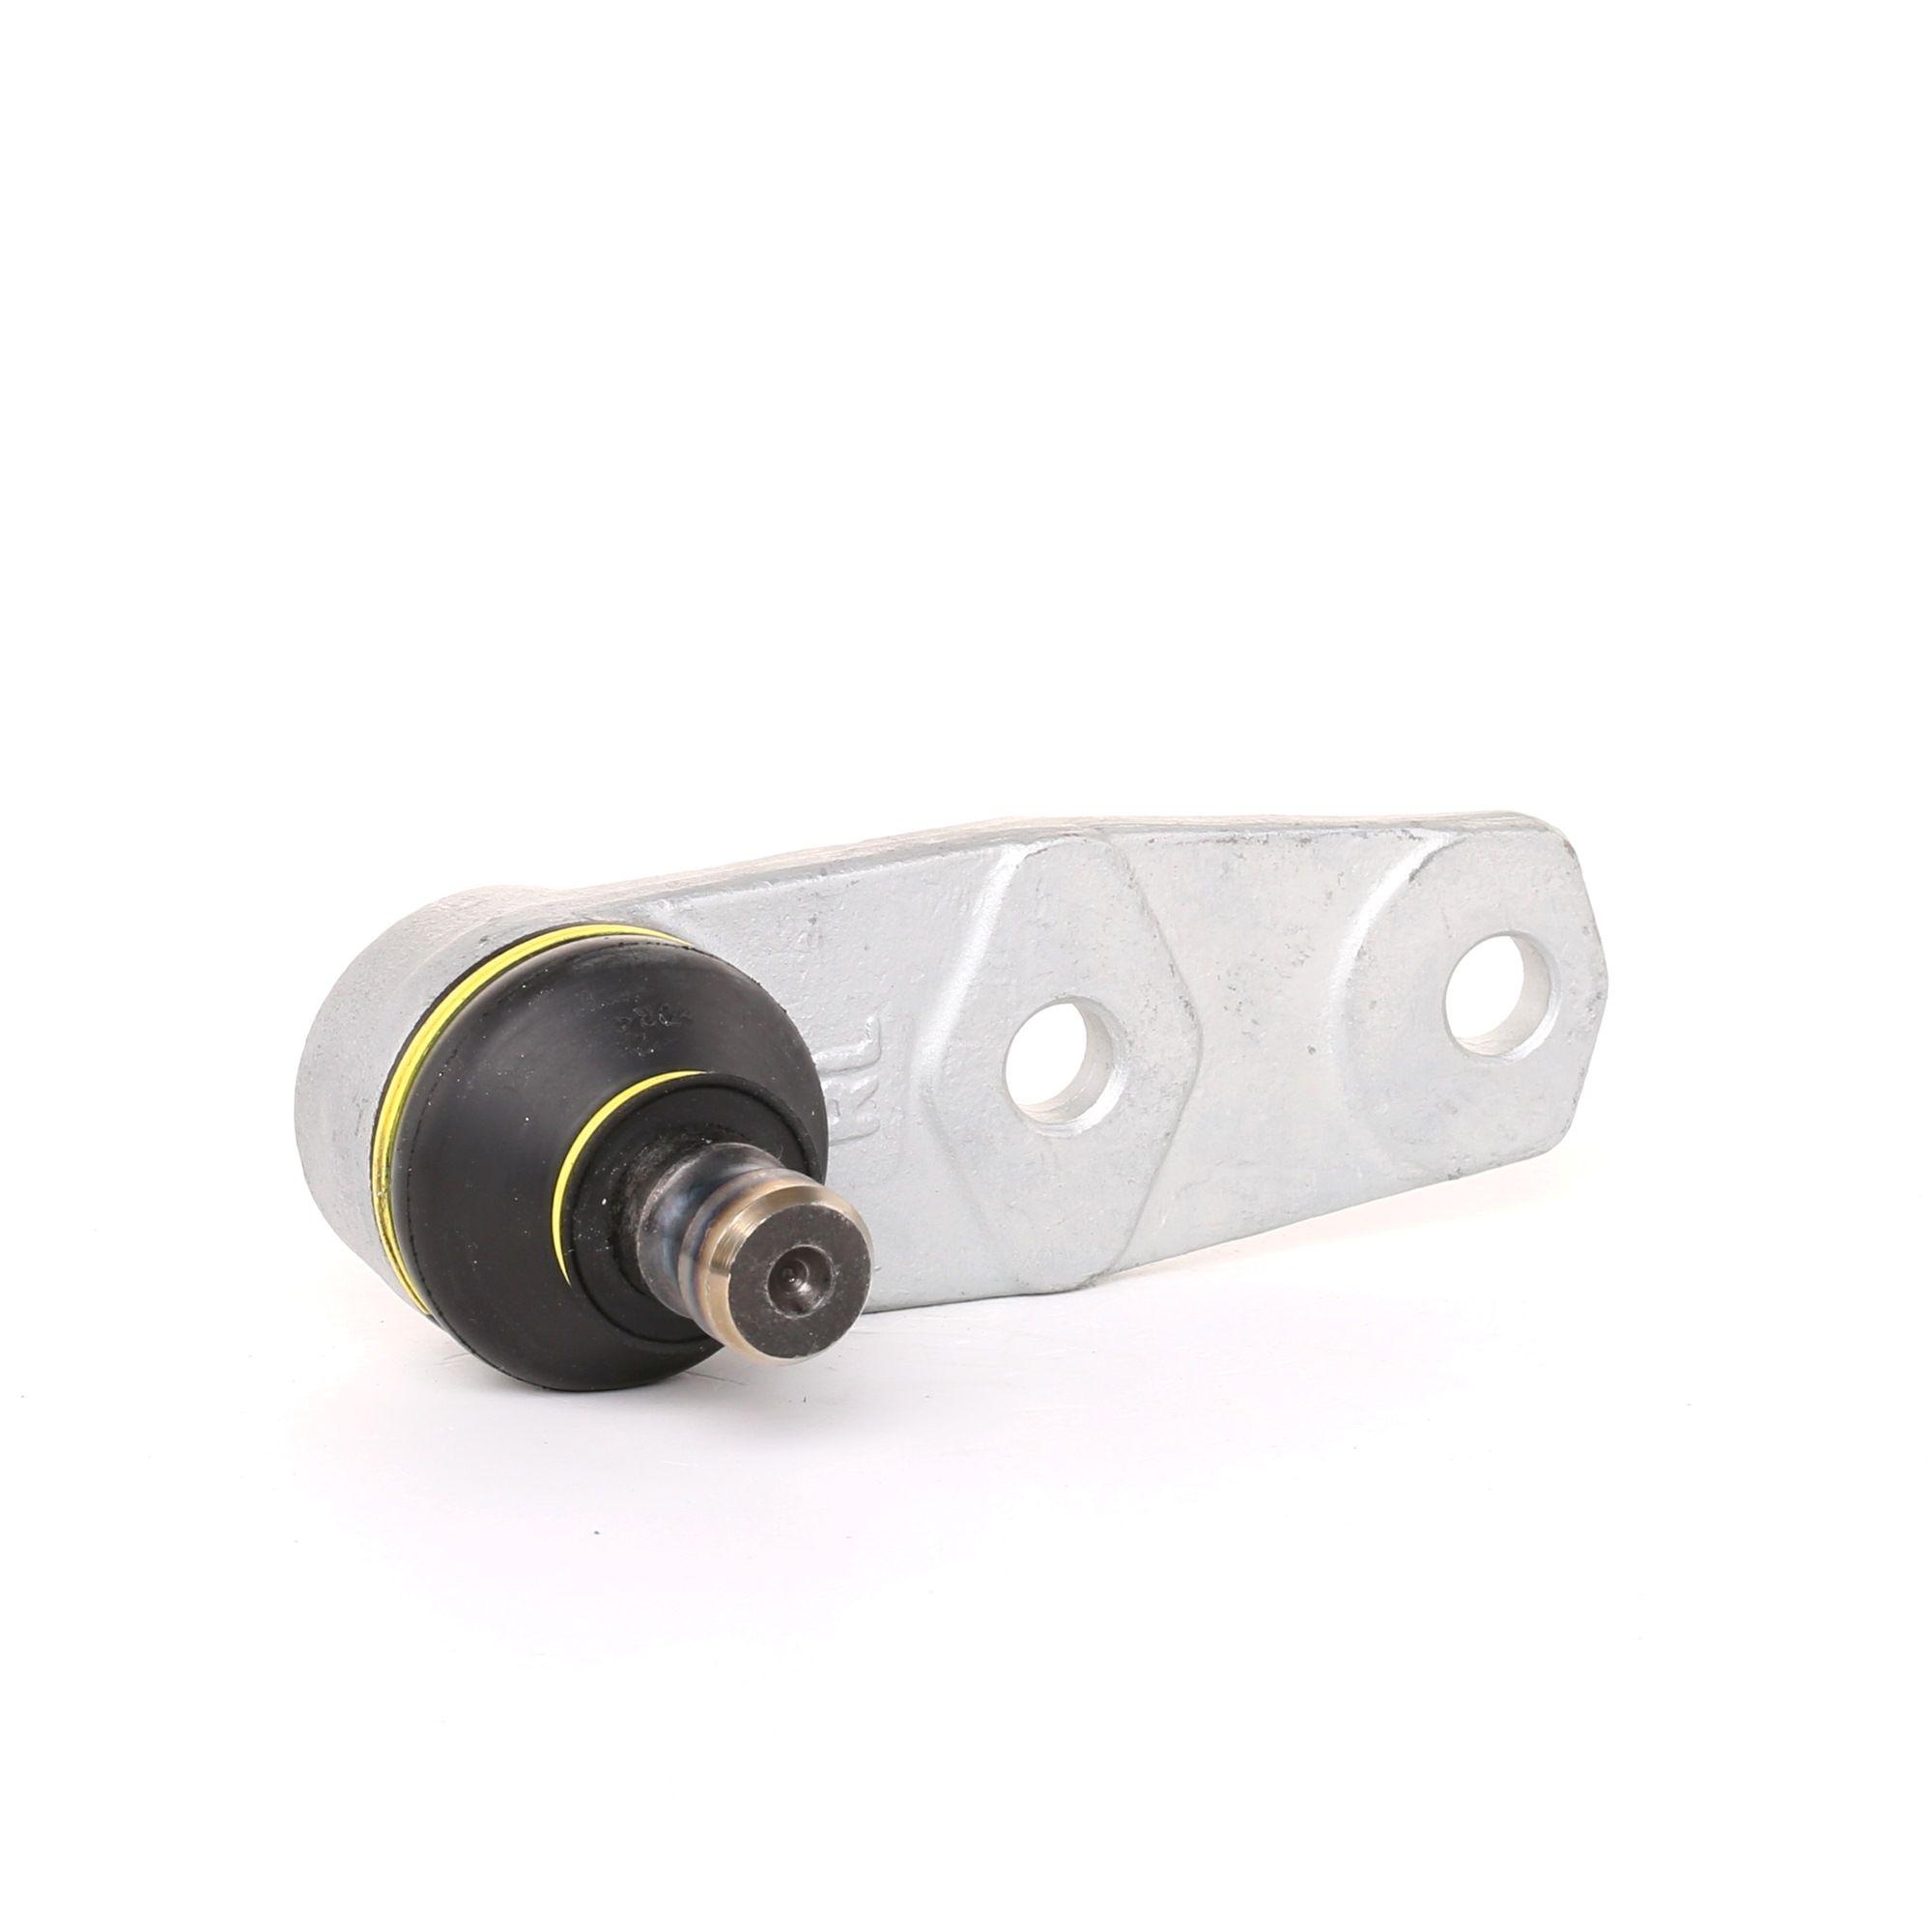 MOOG RE-BJ-4264 (Dimension du cône: 16mm) : Pièces de direction Renault Kangoo kc01 2017